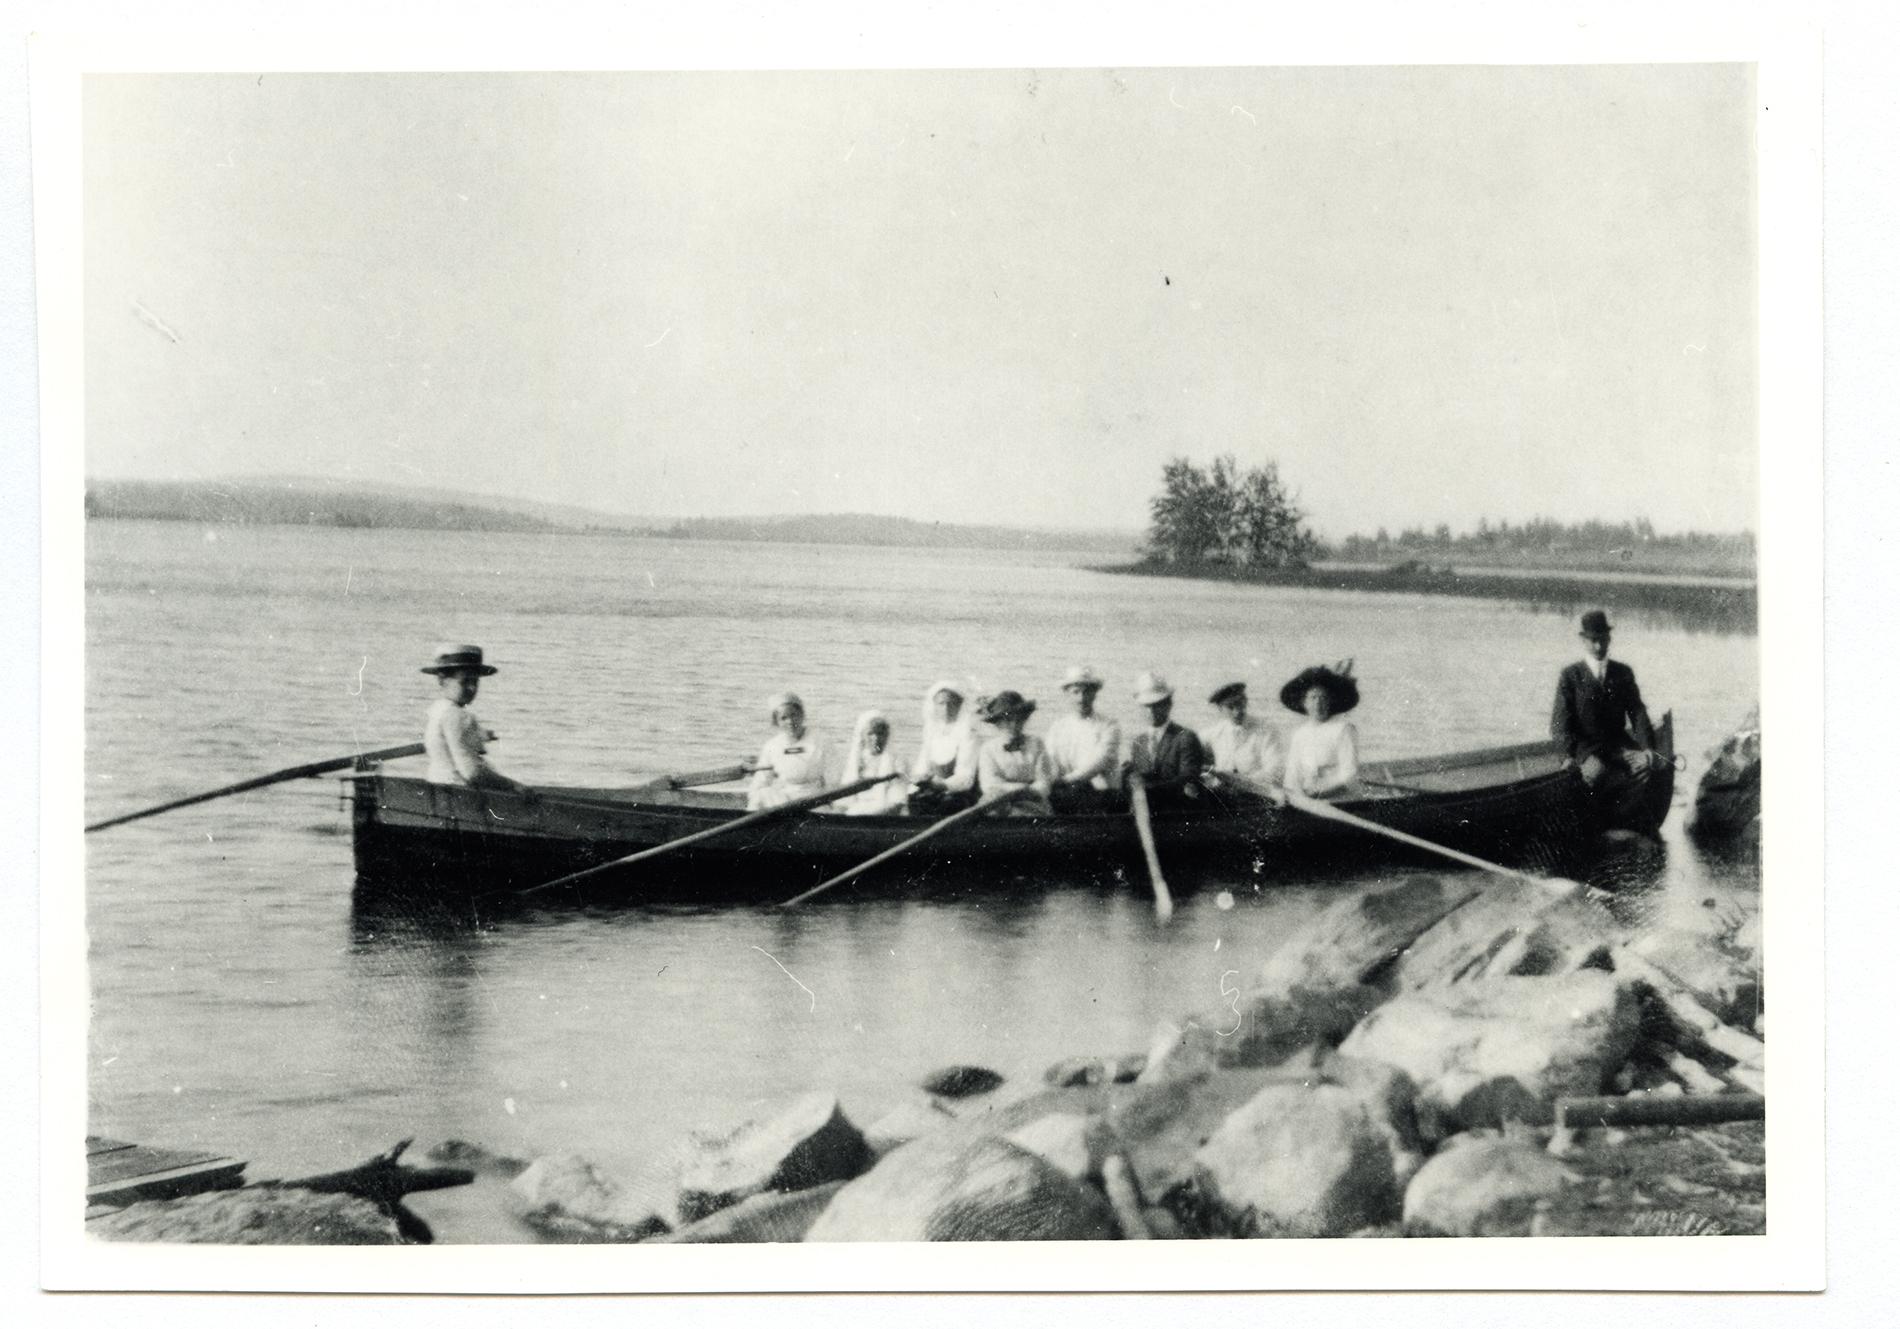 Kirkkovene Virma 5-hankainen 1913 Karkun Kärppälän rannassa lähdössä huviretkelle. Kuvaaja tuntematon.  SKS KRA KKA.